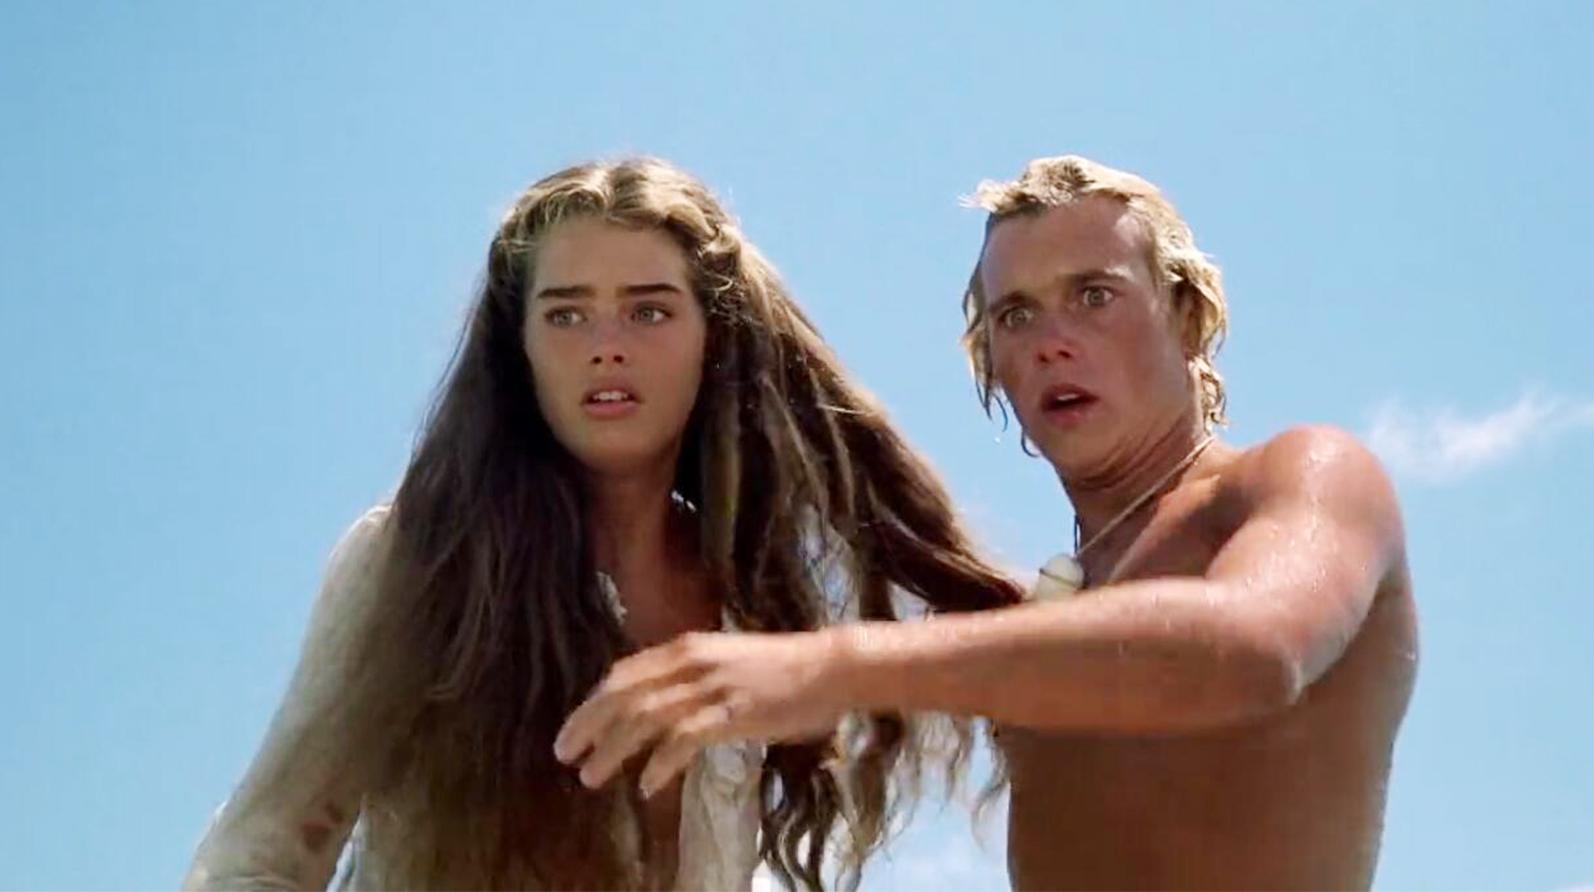 #经典看电影#一男一女流落在荒岛上,一起生活多年后,他们却再也不想离开了